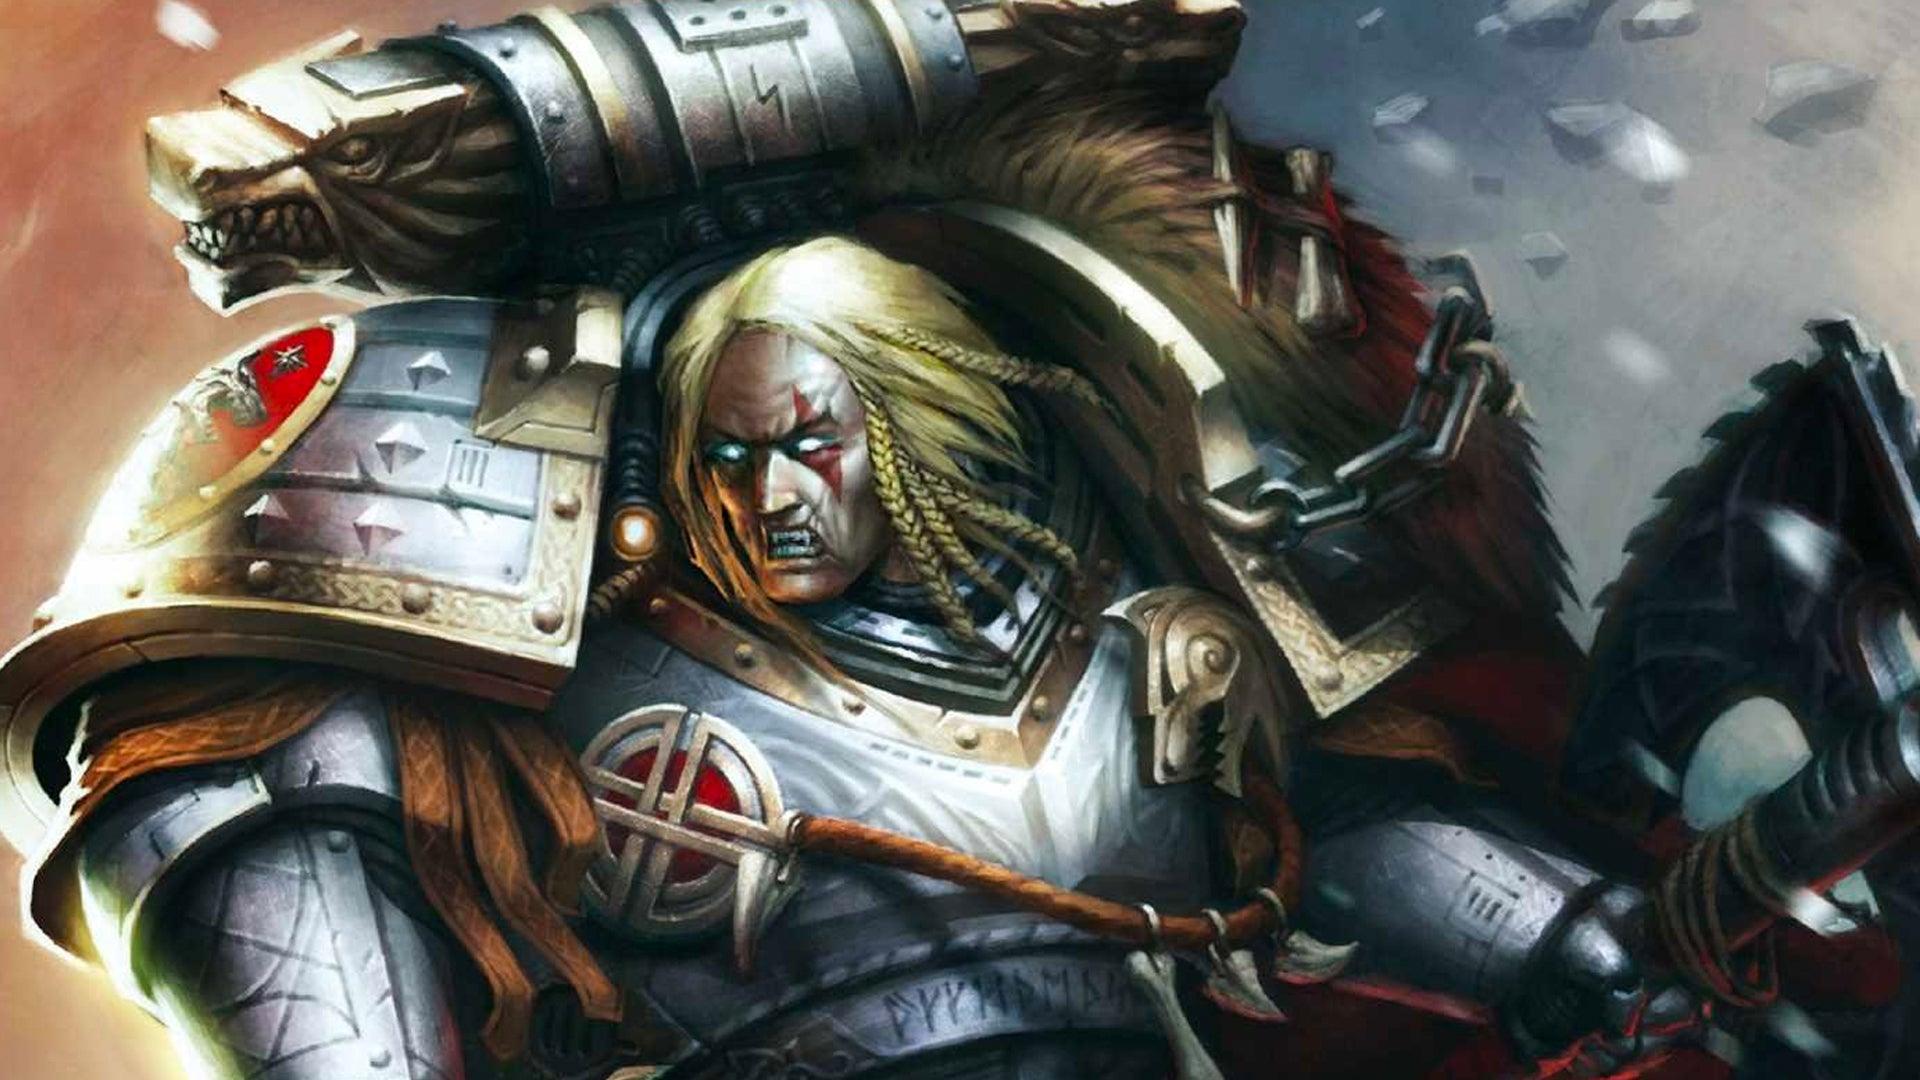 warhammer-40k-leman-russ-great-wolf-artwork.jpg